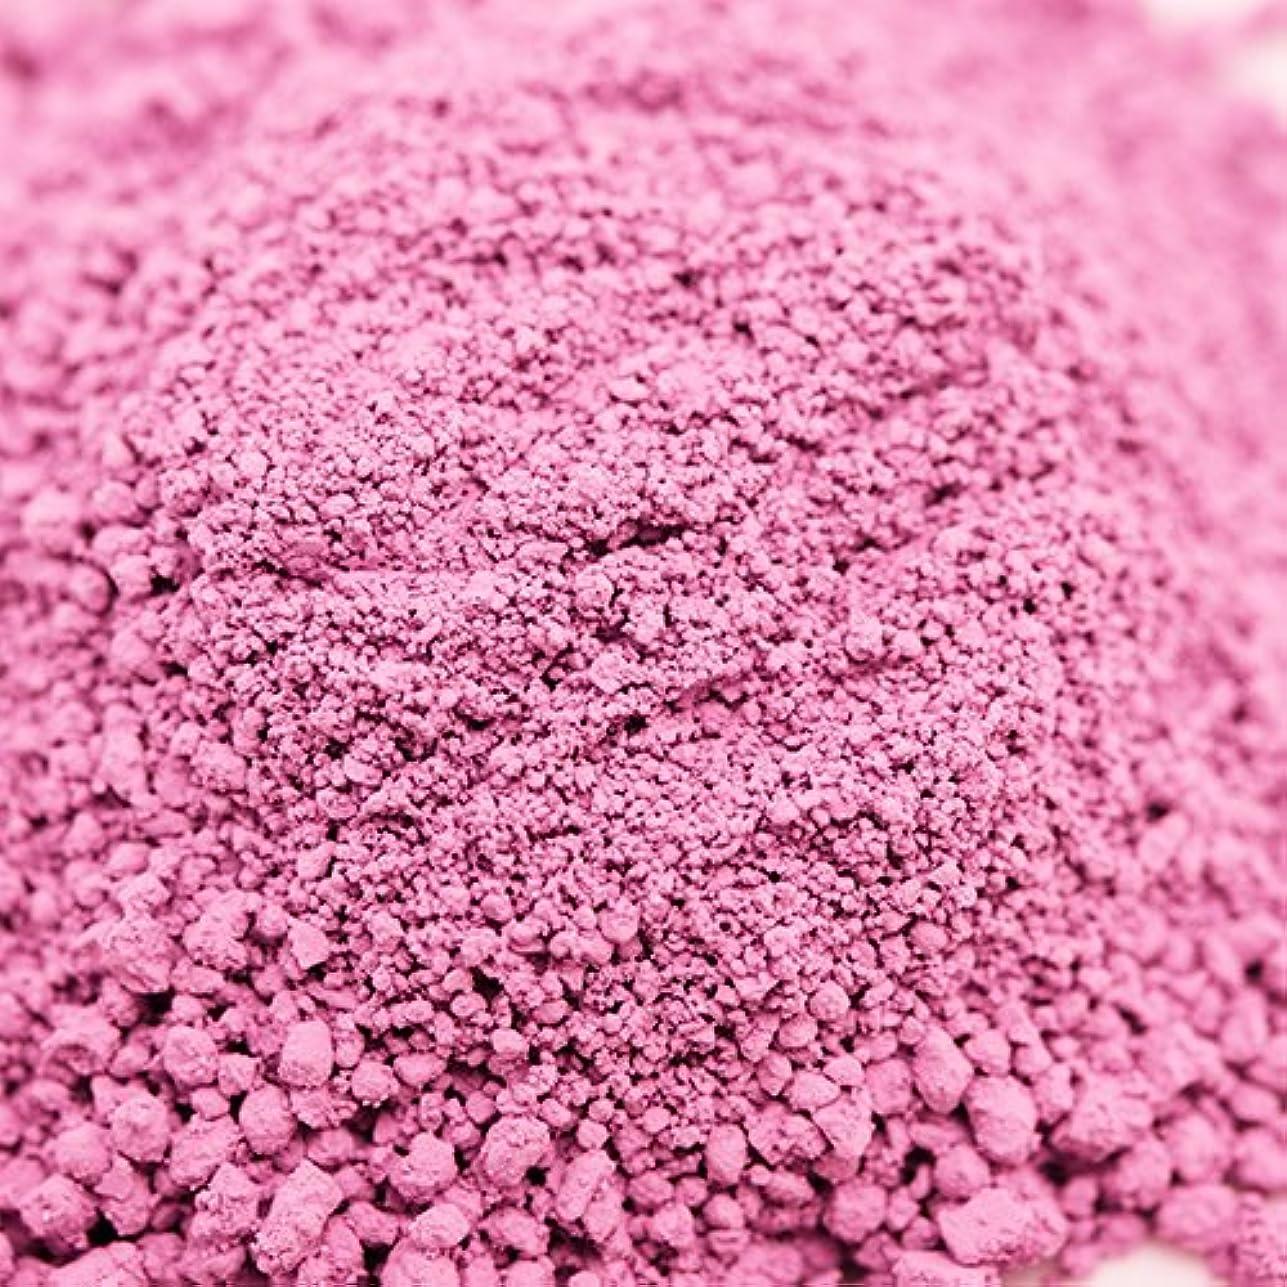 蒸発いわゆる愛情深いウルトラマリン ピンク 20g 【手作り石鹸/手作りコスメ/色付け/カラーラント】